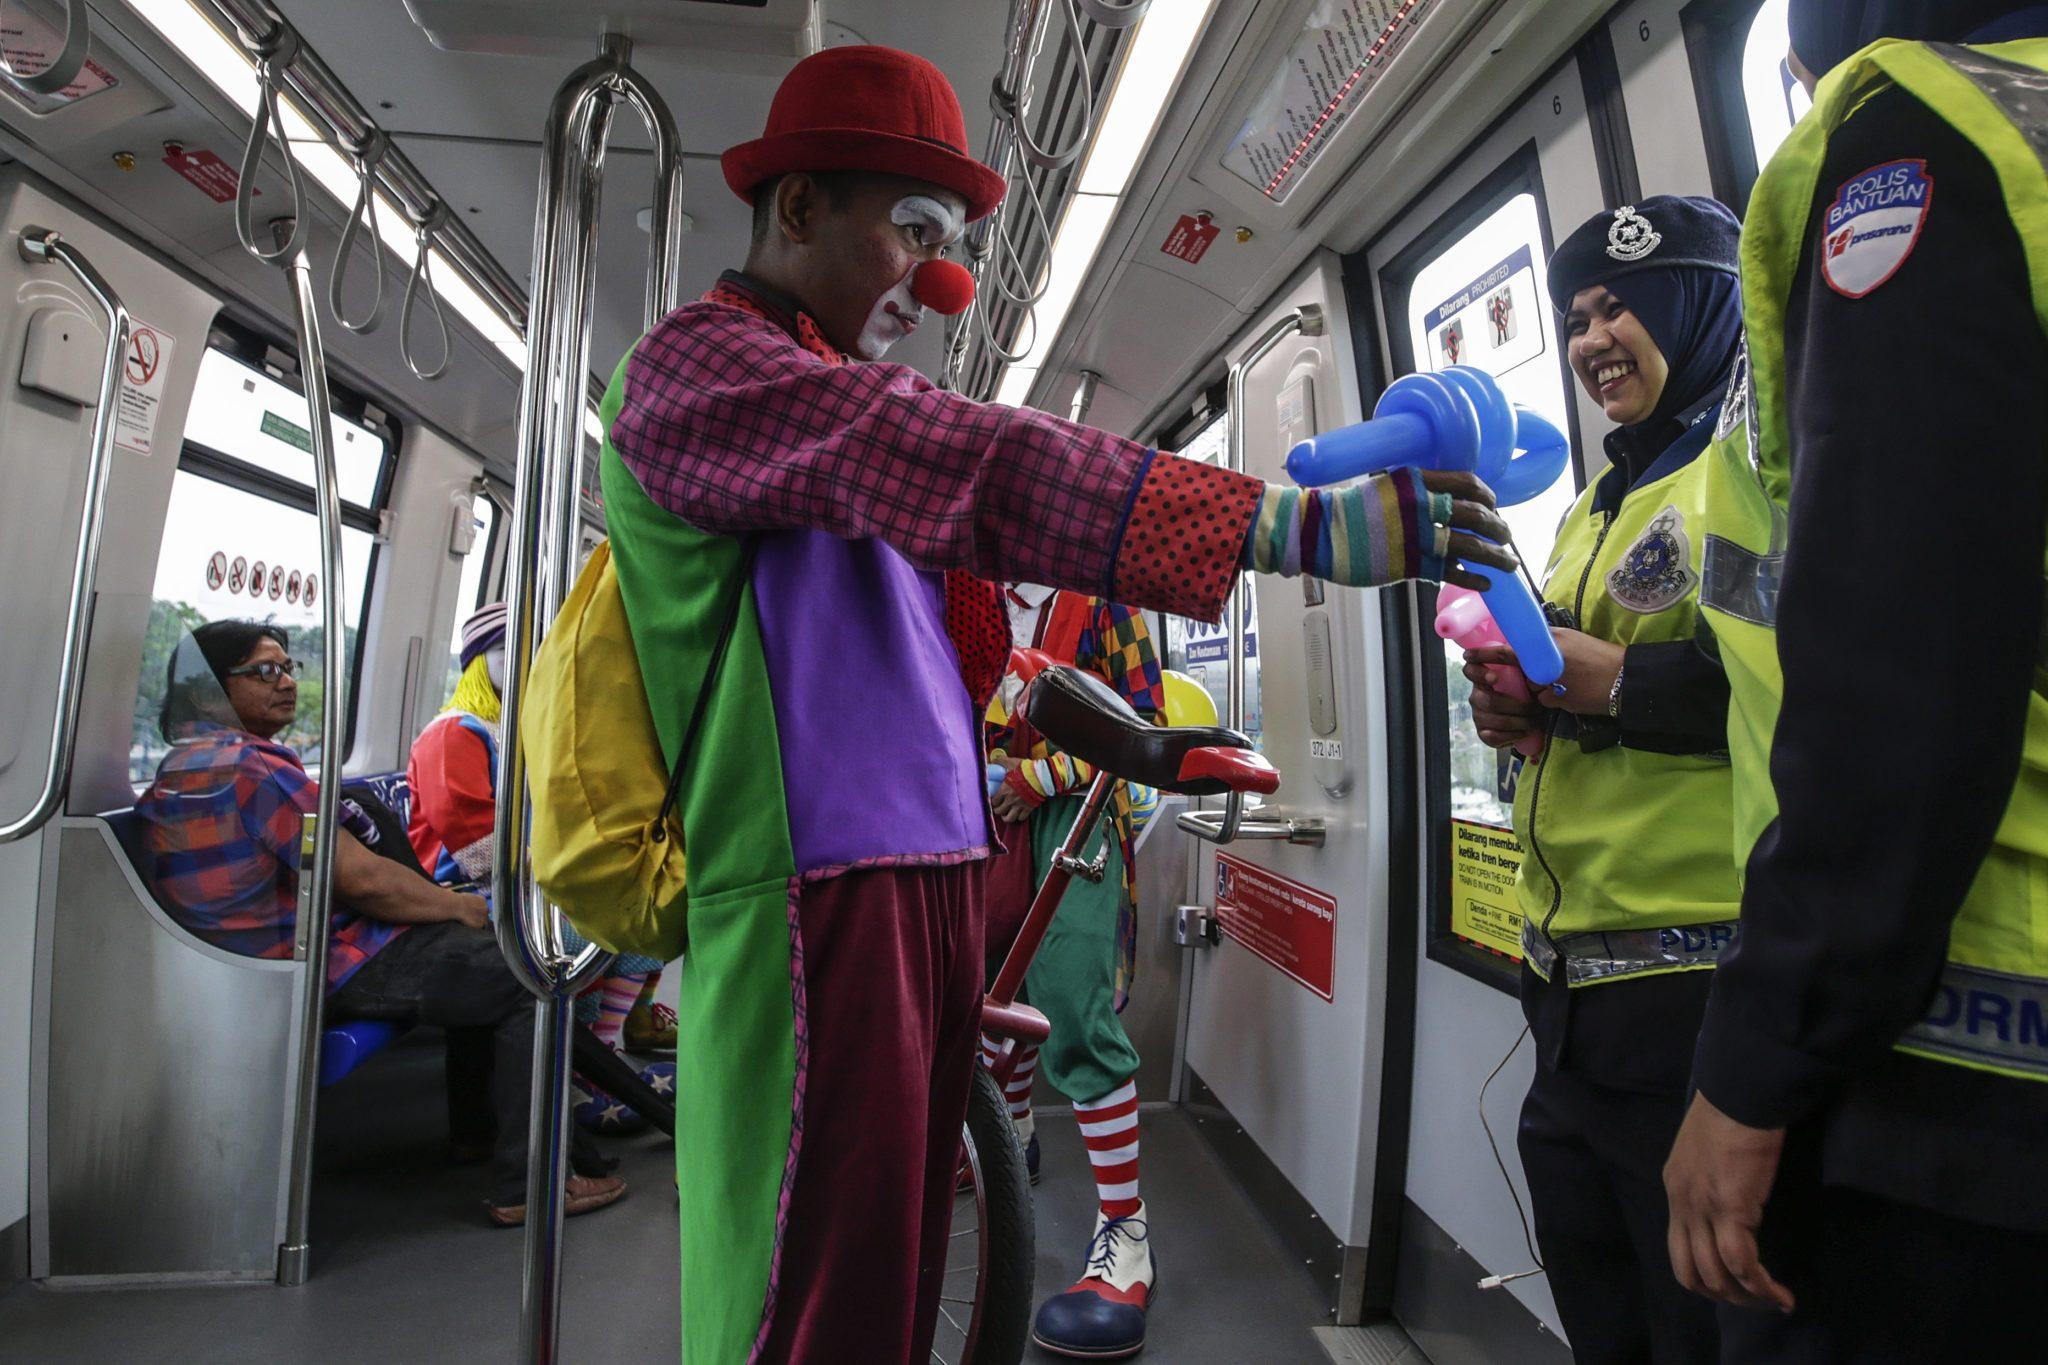 Malezja: klaun zbierający datki na leczenie dzieci z nowotworem w Kuala Lumpur (foto. PAP/EPA/FAZRY ISMAIL)